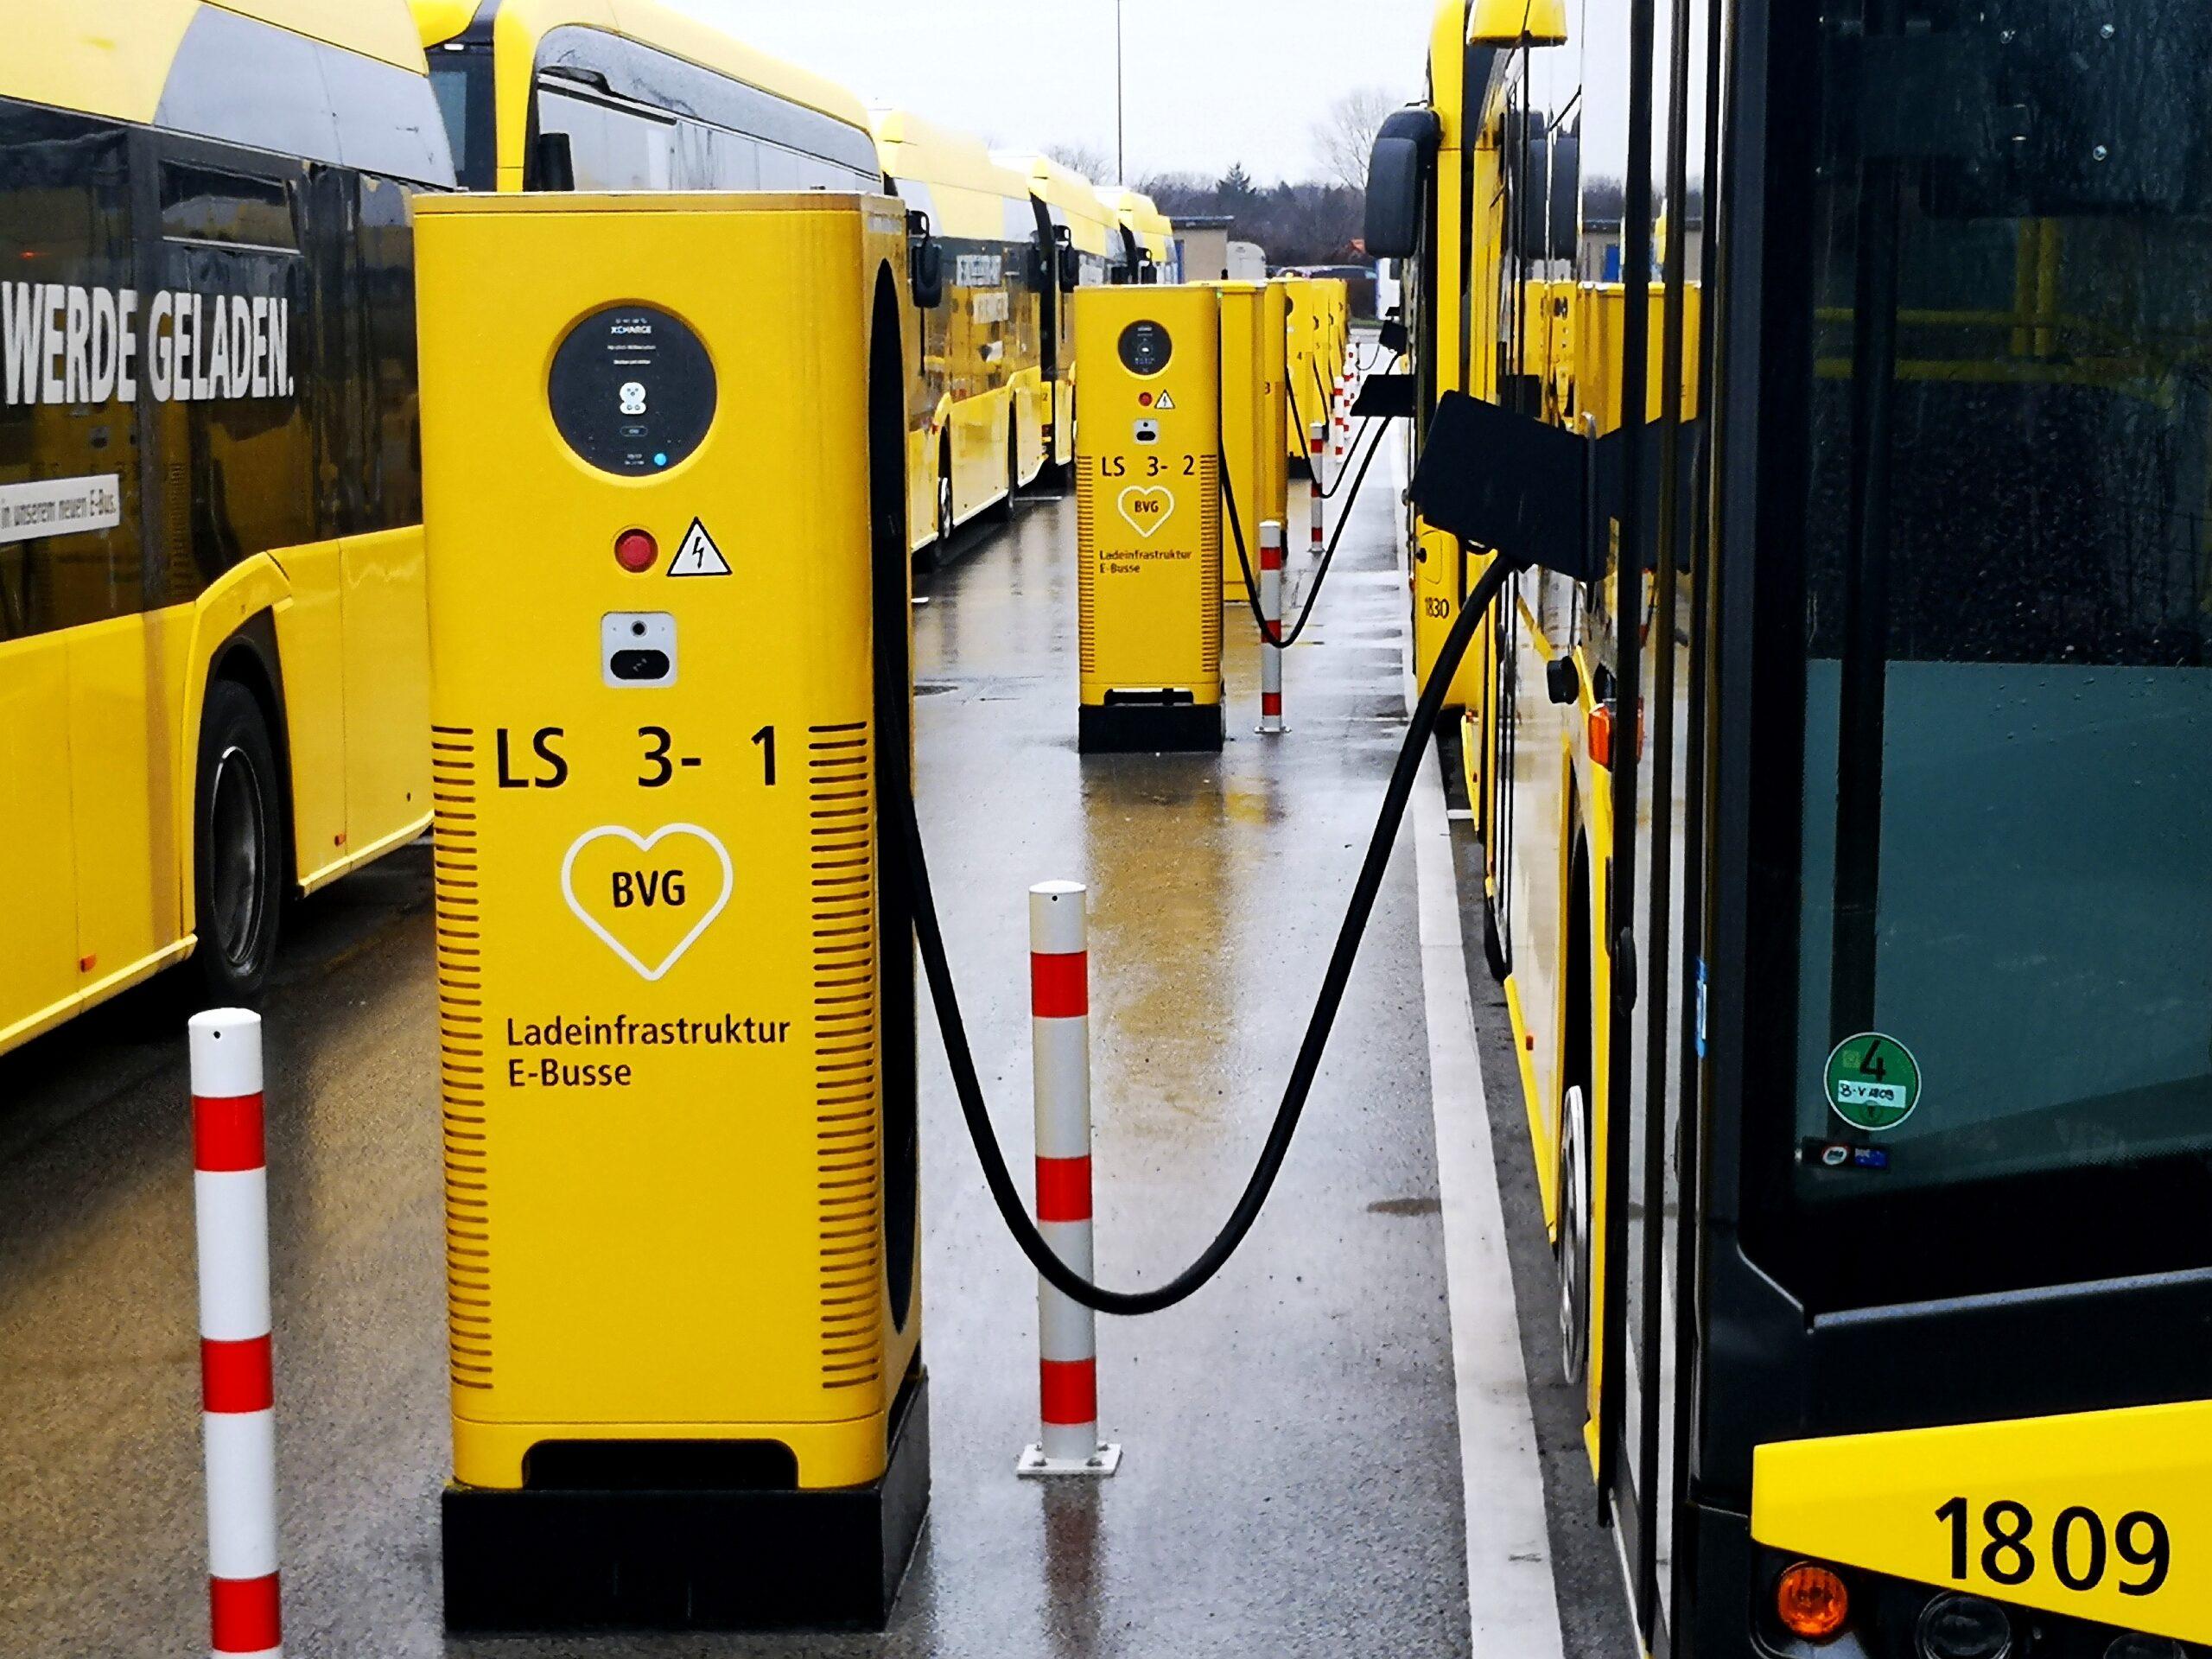 C6EU eBus depot for BVG